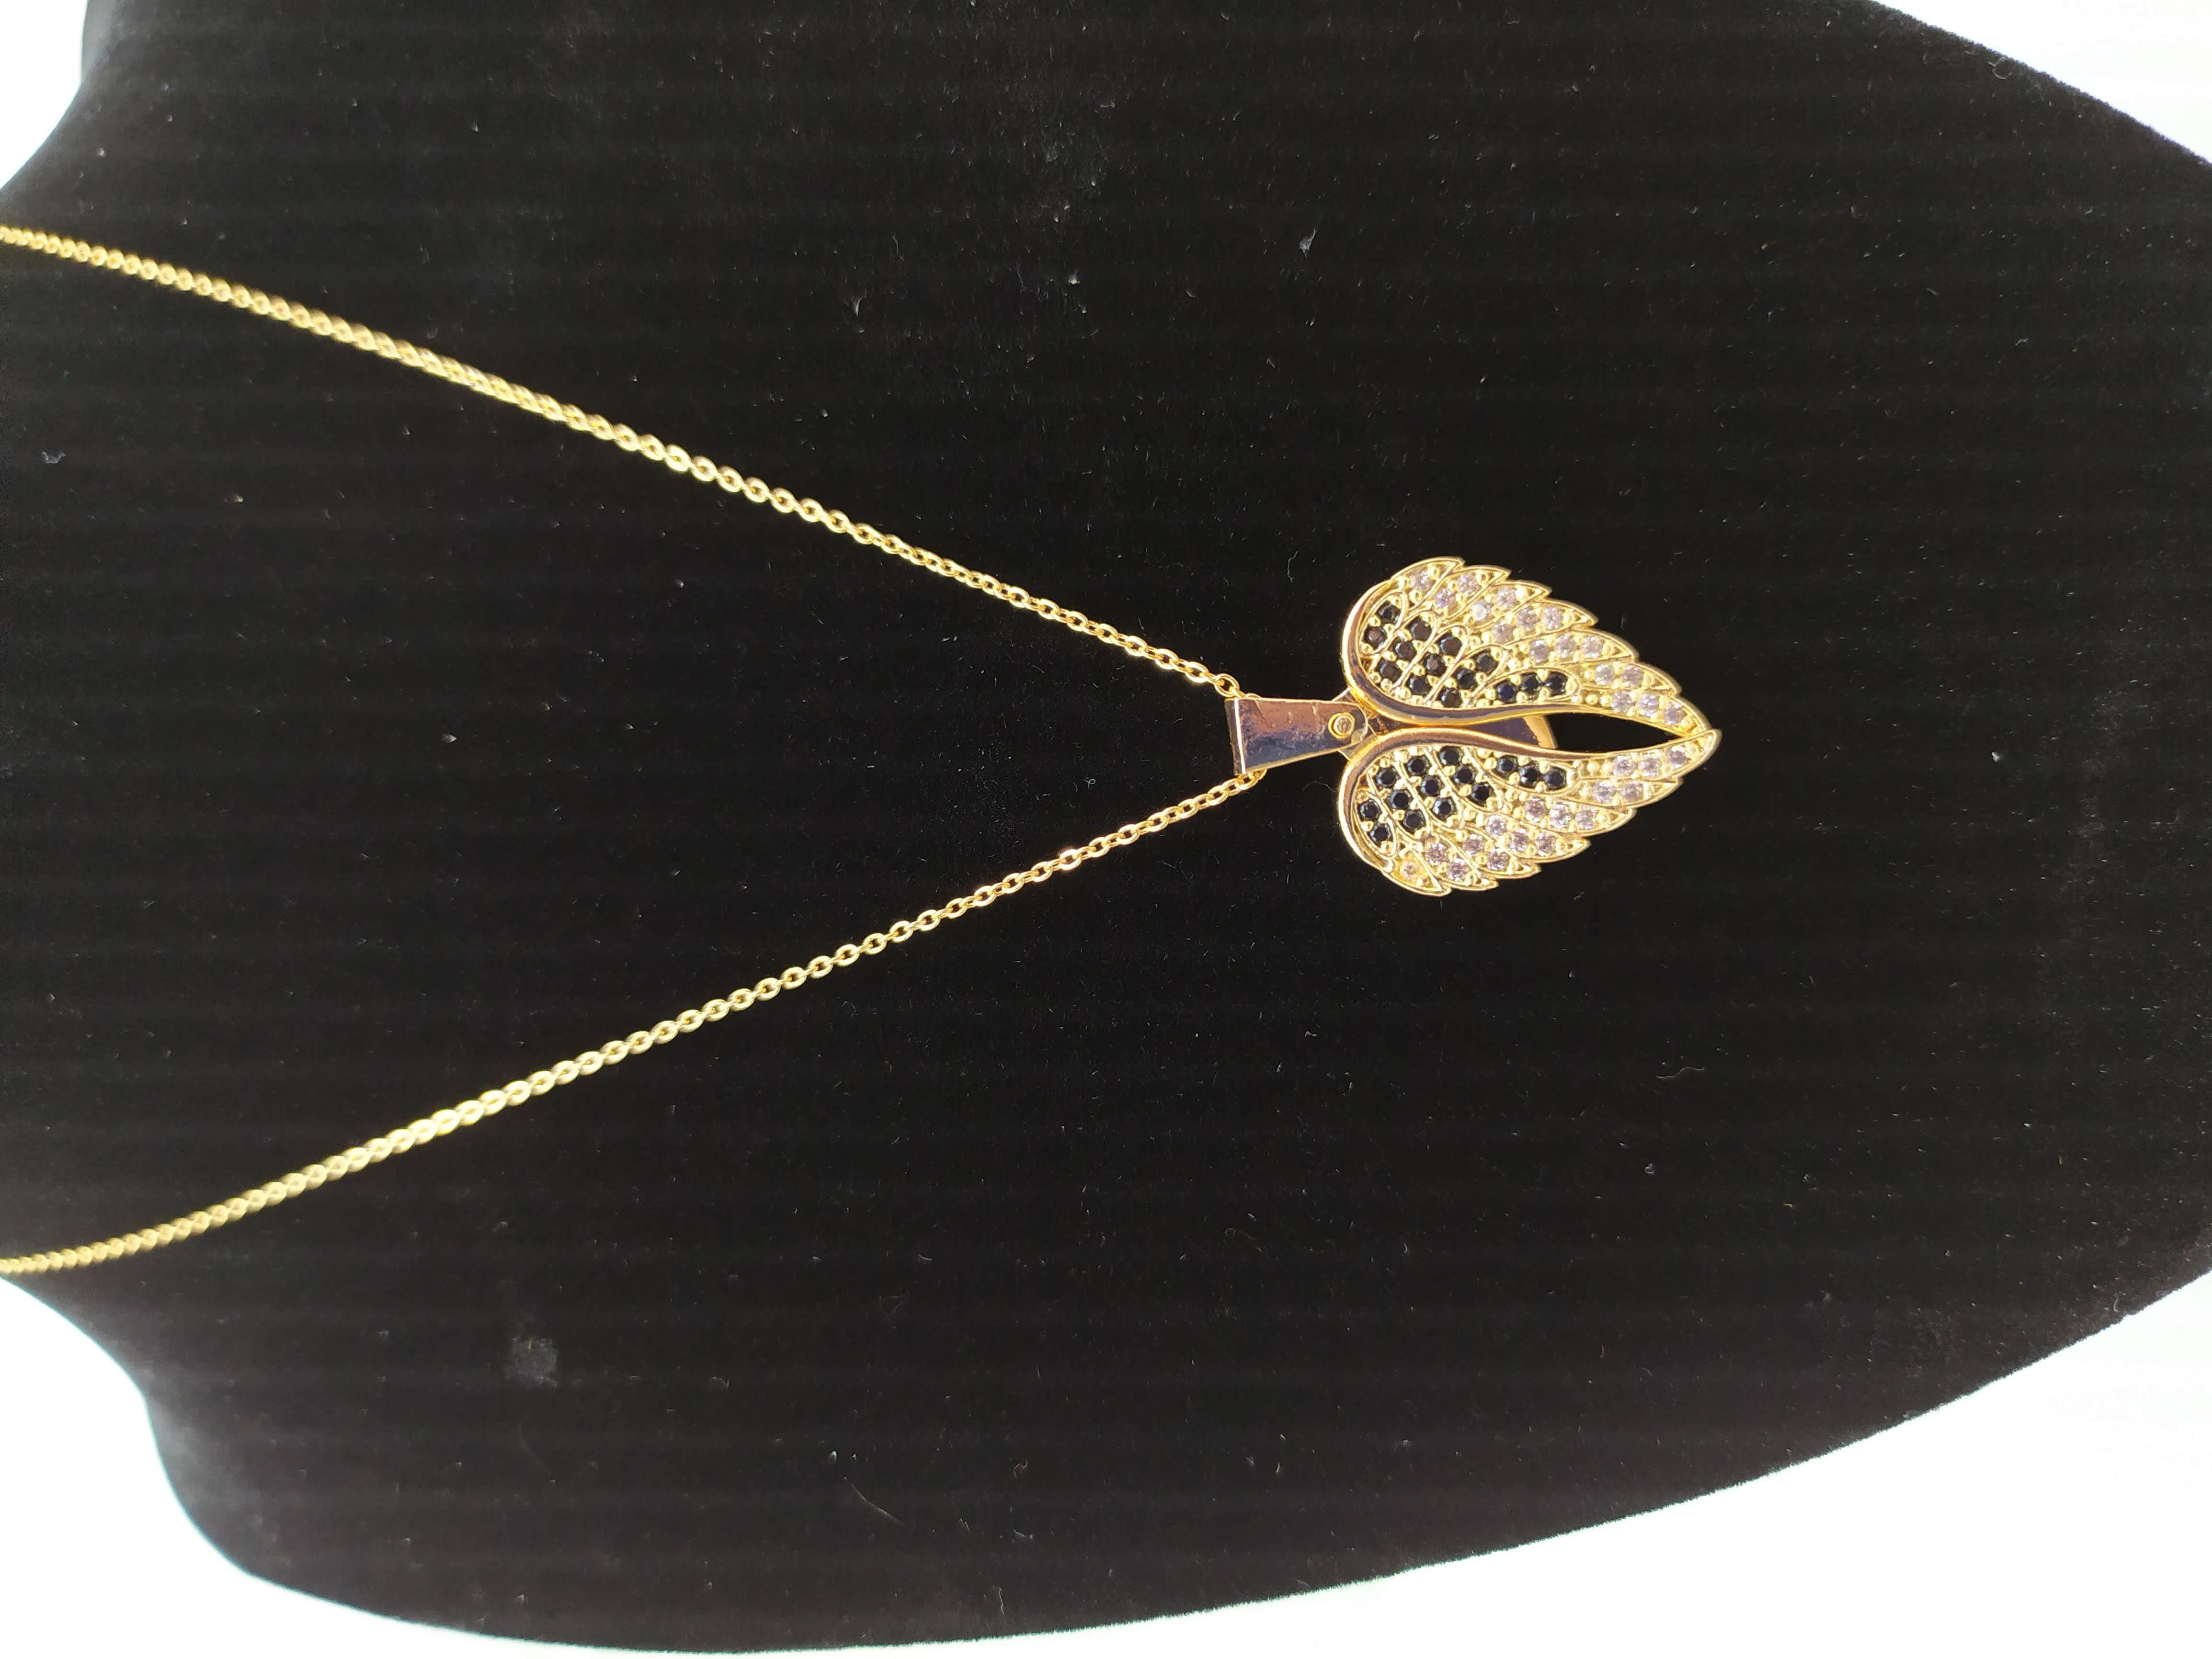 قلادة مطلية بالذهب مع الزركون الممتاز. لا يسبب الحساسية ، لا تغميق / Gold plated necklace with premium zircon. does not cause allergies, does not darken_20